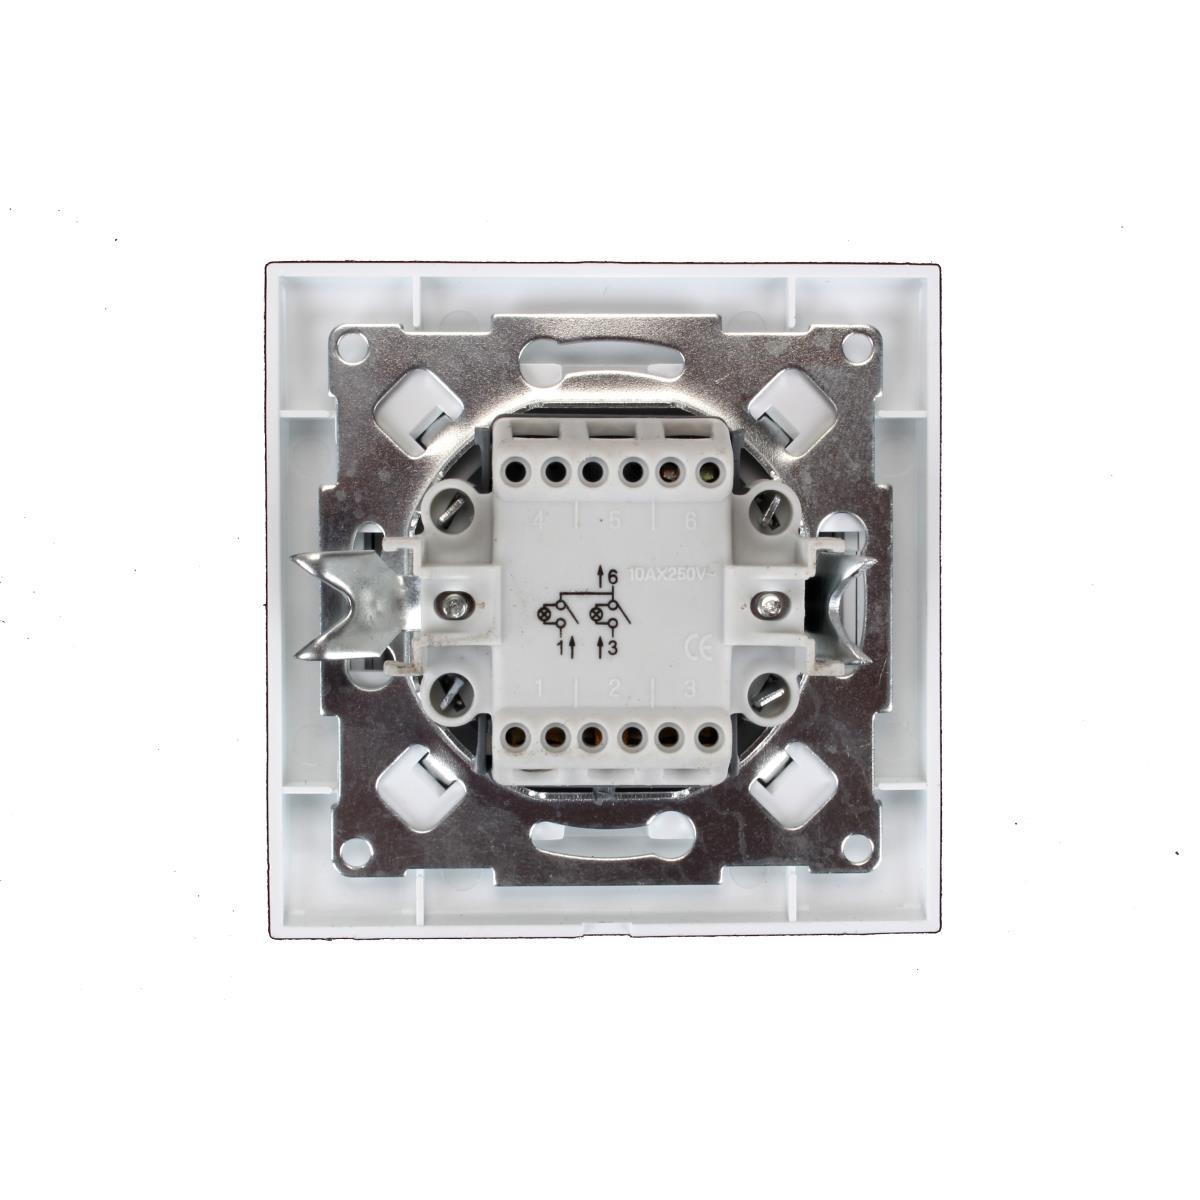 Unterputz Serienschalter beleuchtet weiß 10A, Doppel Zweifach Lichtschalter ,OKKO,9209-02N, 4772013048565